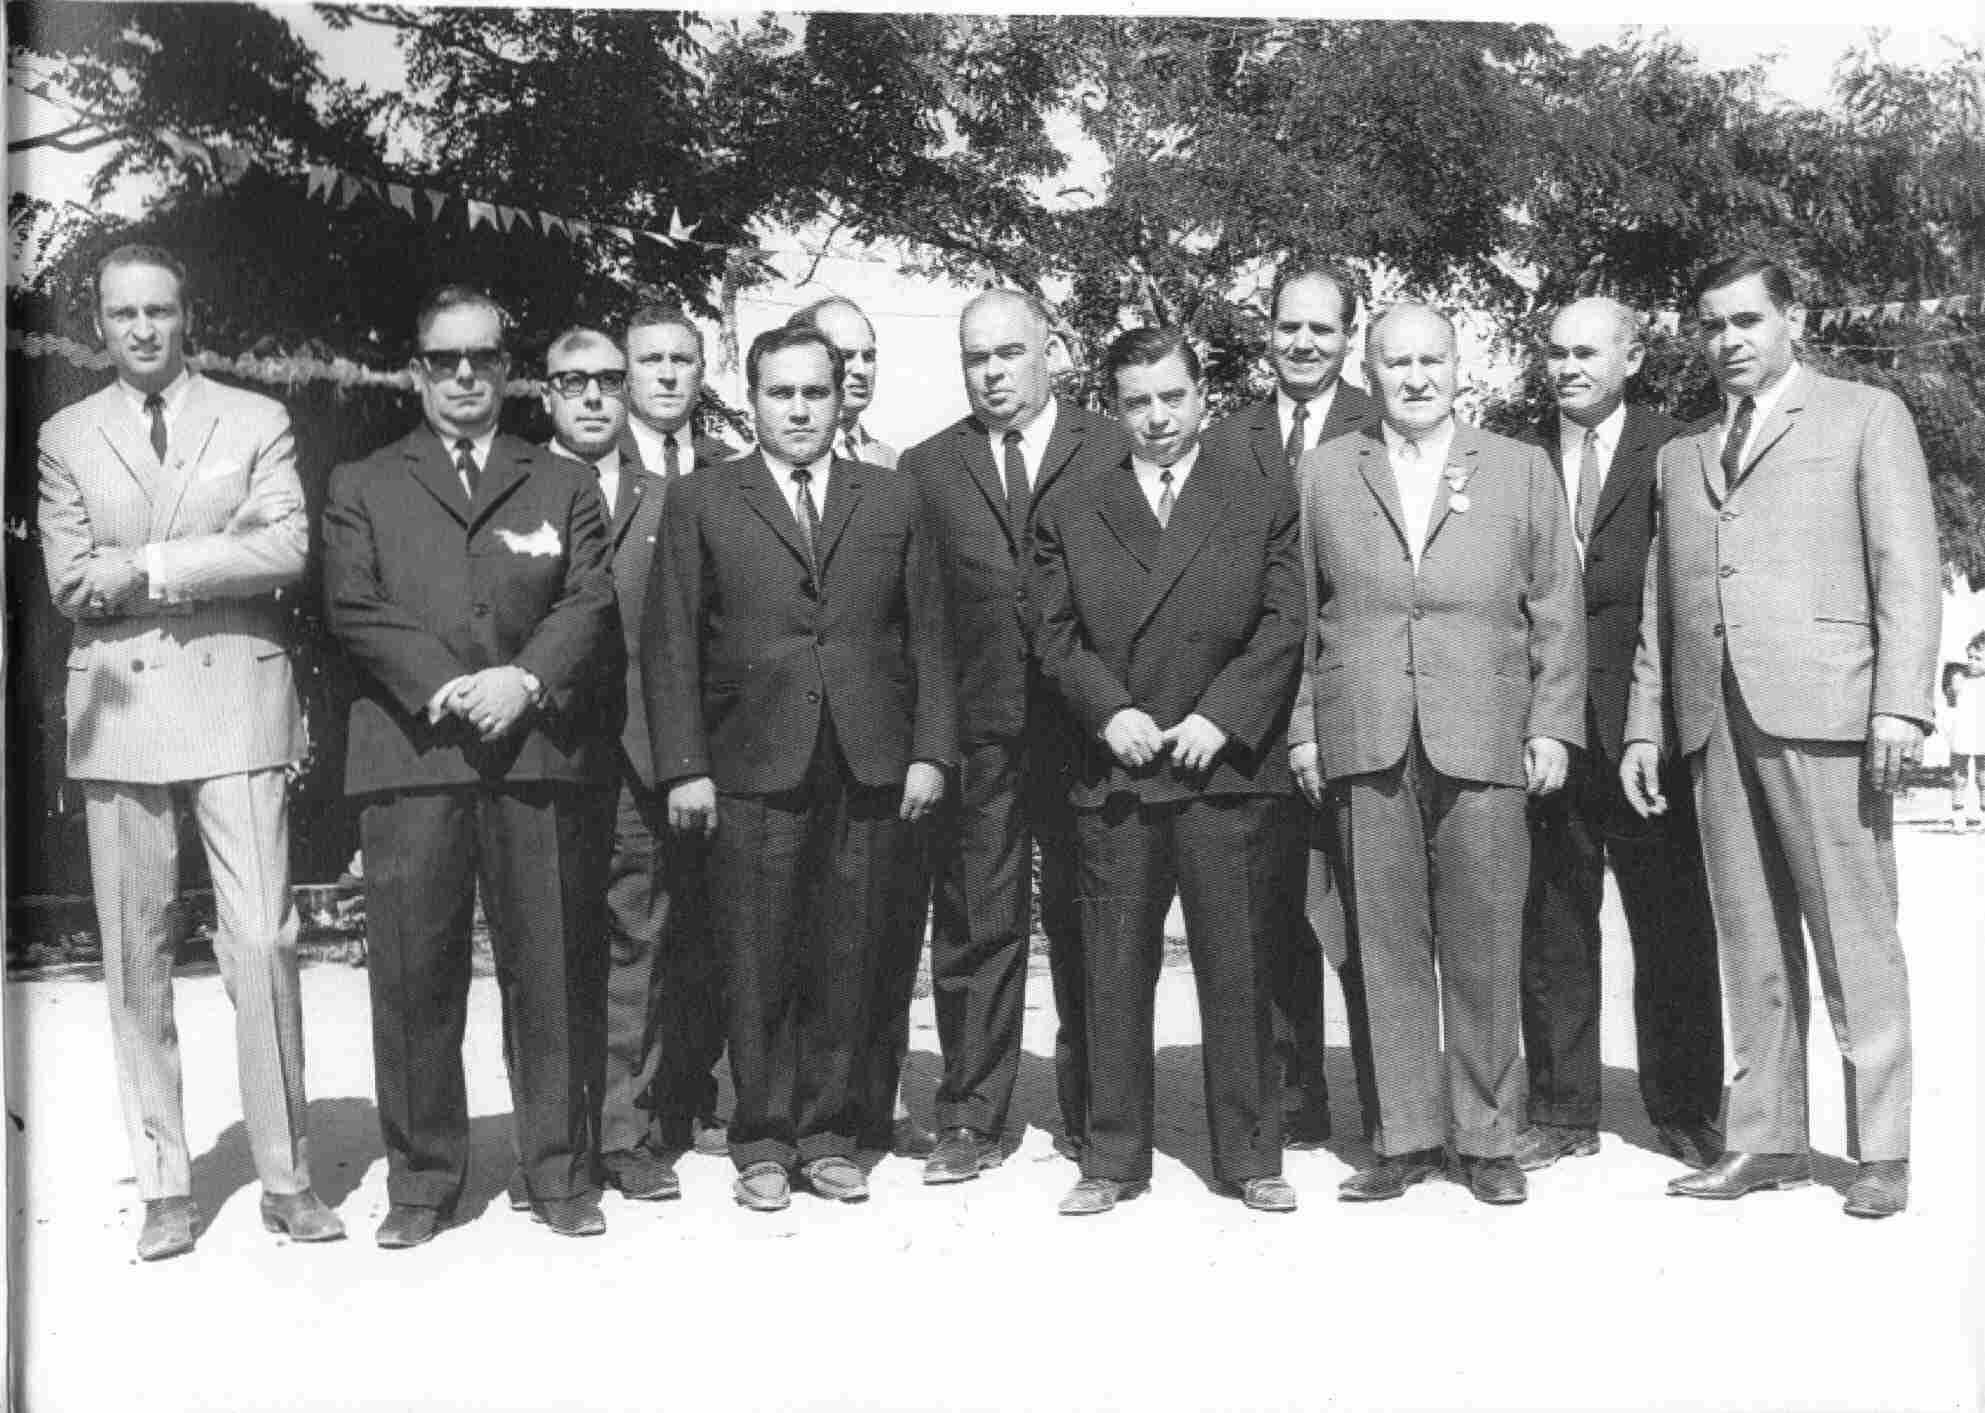 Dirigentes da Comissão de Melhoramentos, em Agosto de 1968